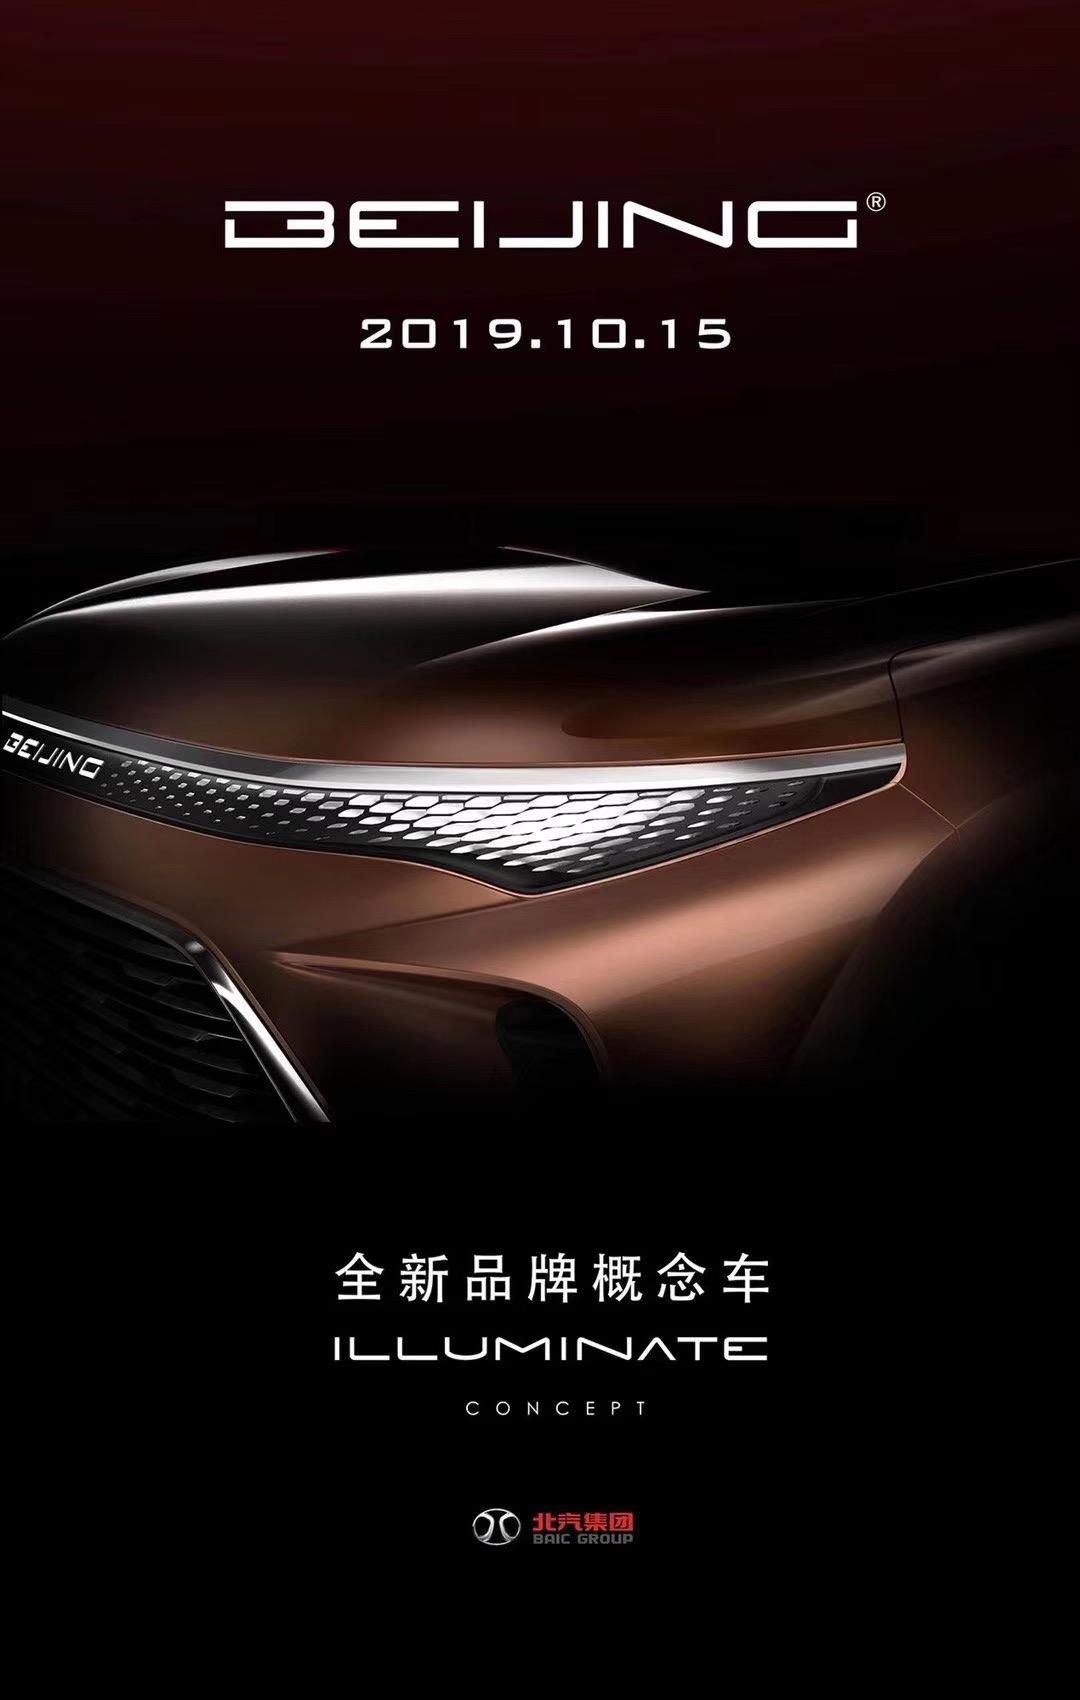 BEIJING品牌概念车预告图曝光 明日发布